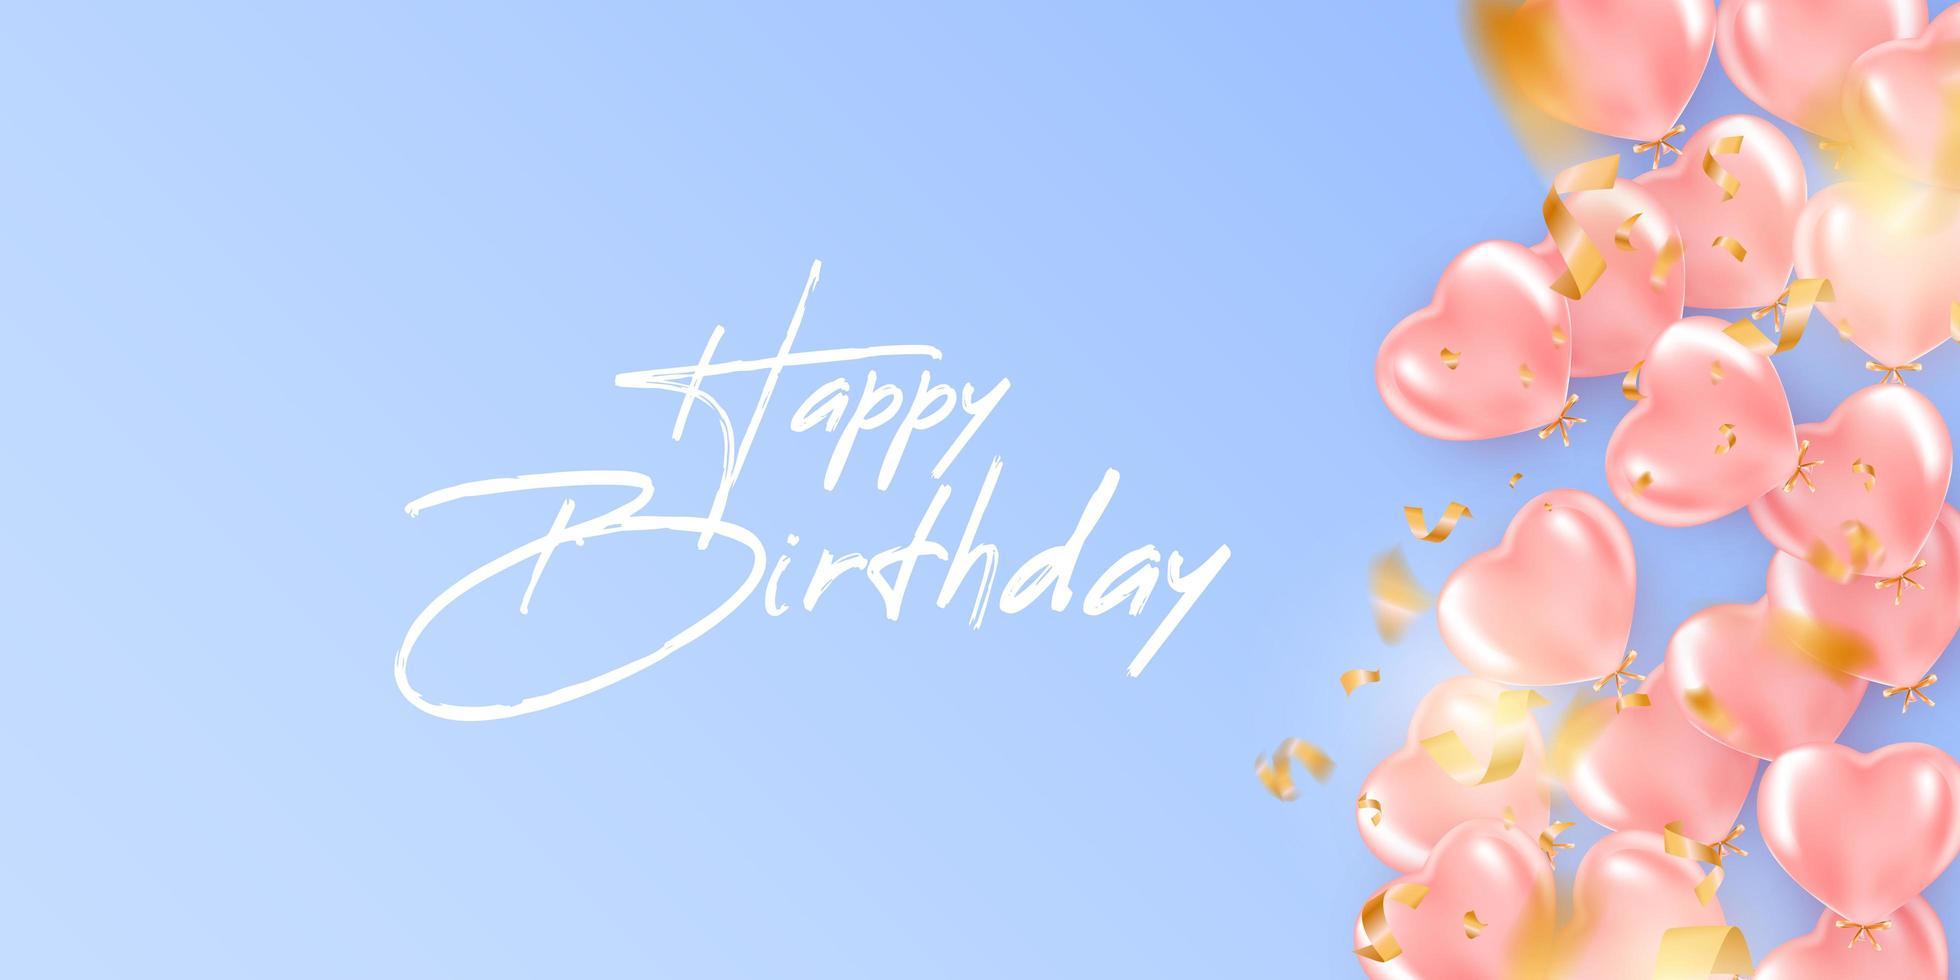 Fondo festivo de cumpleaños con globos de helio en forma de corazón vector